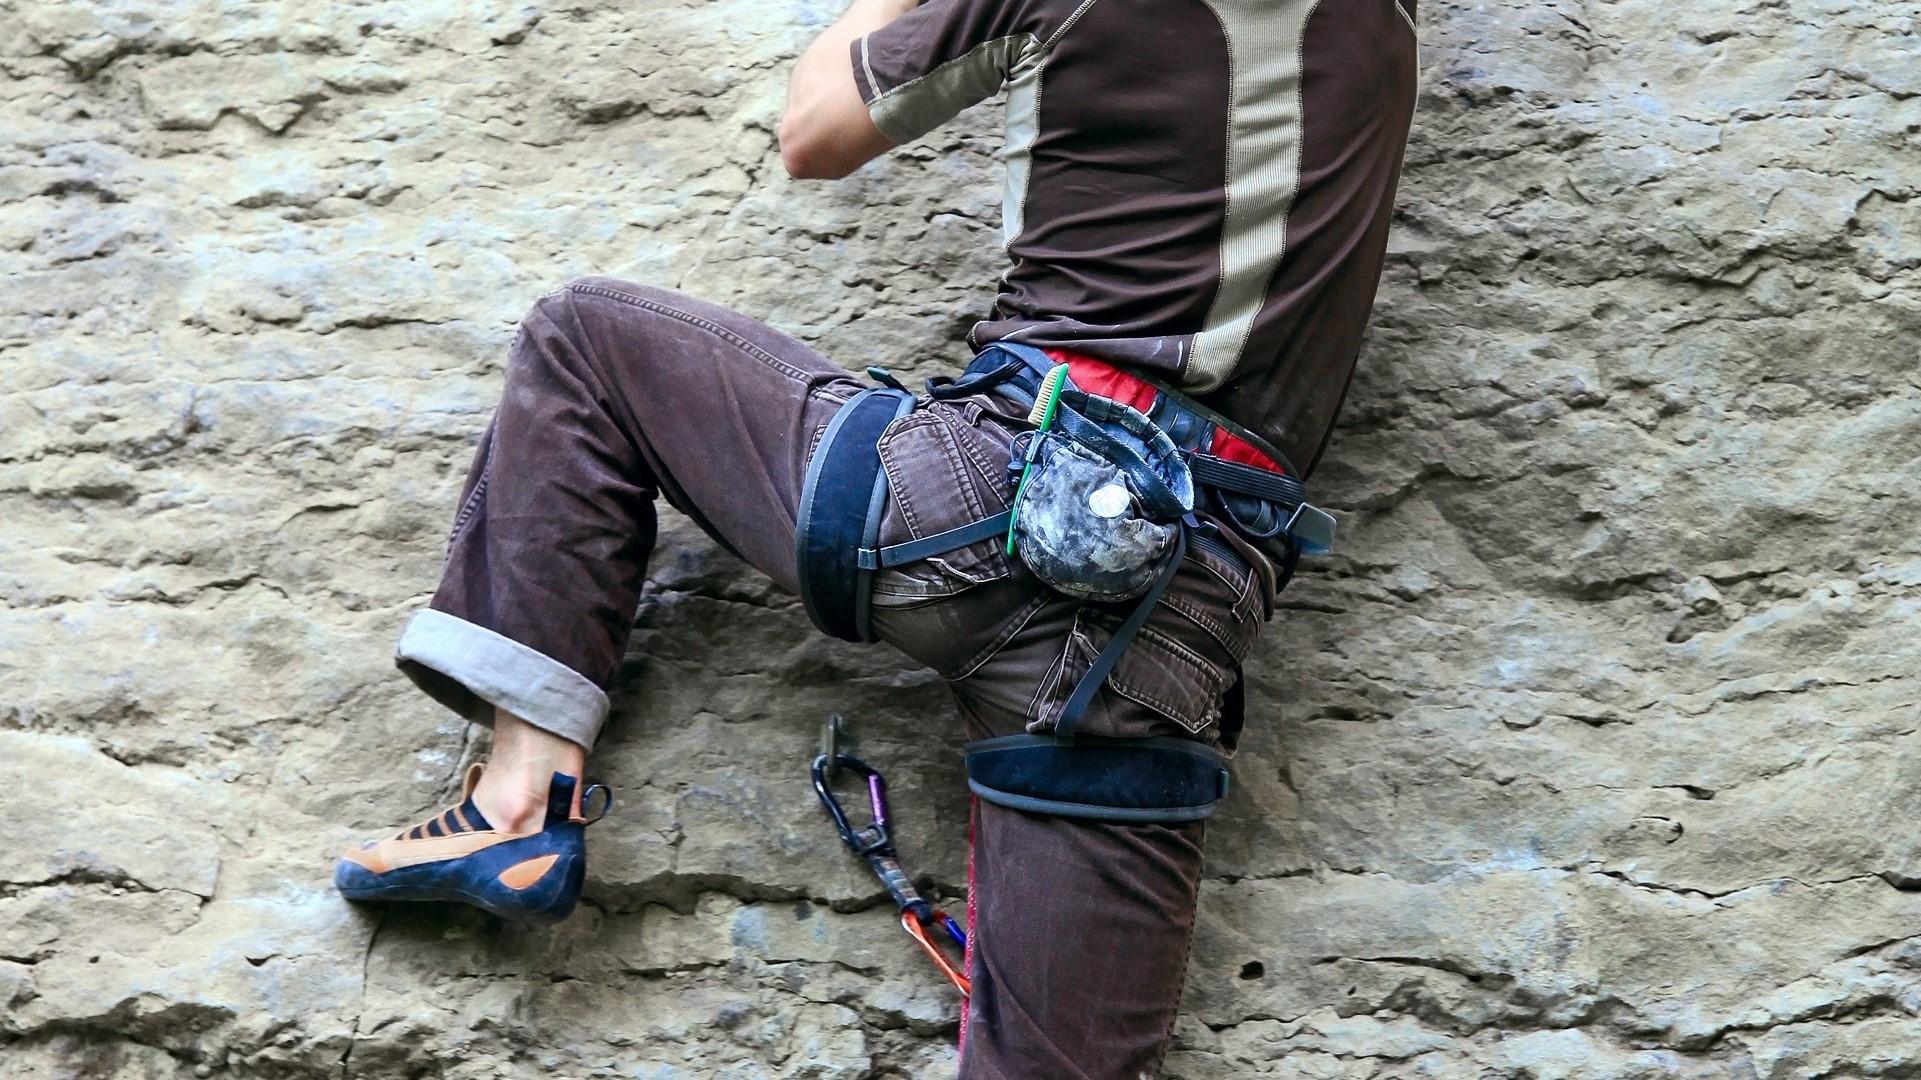 Klimgordel: Wat zijn de beste klimgordels van 2020?